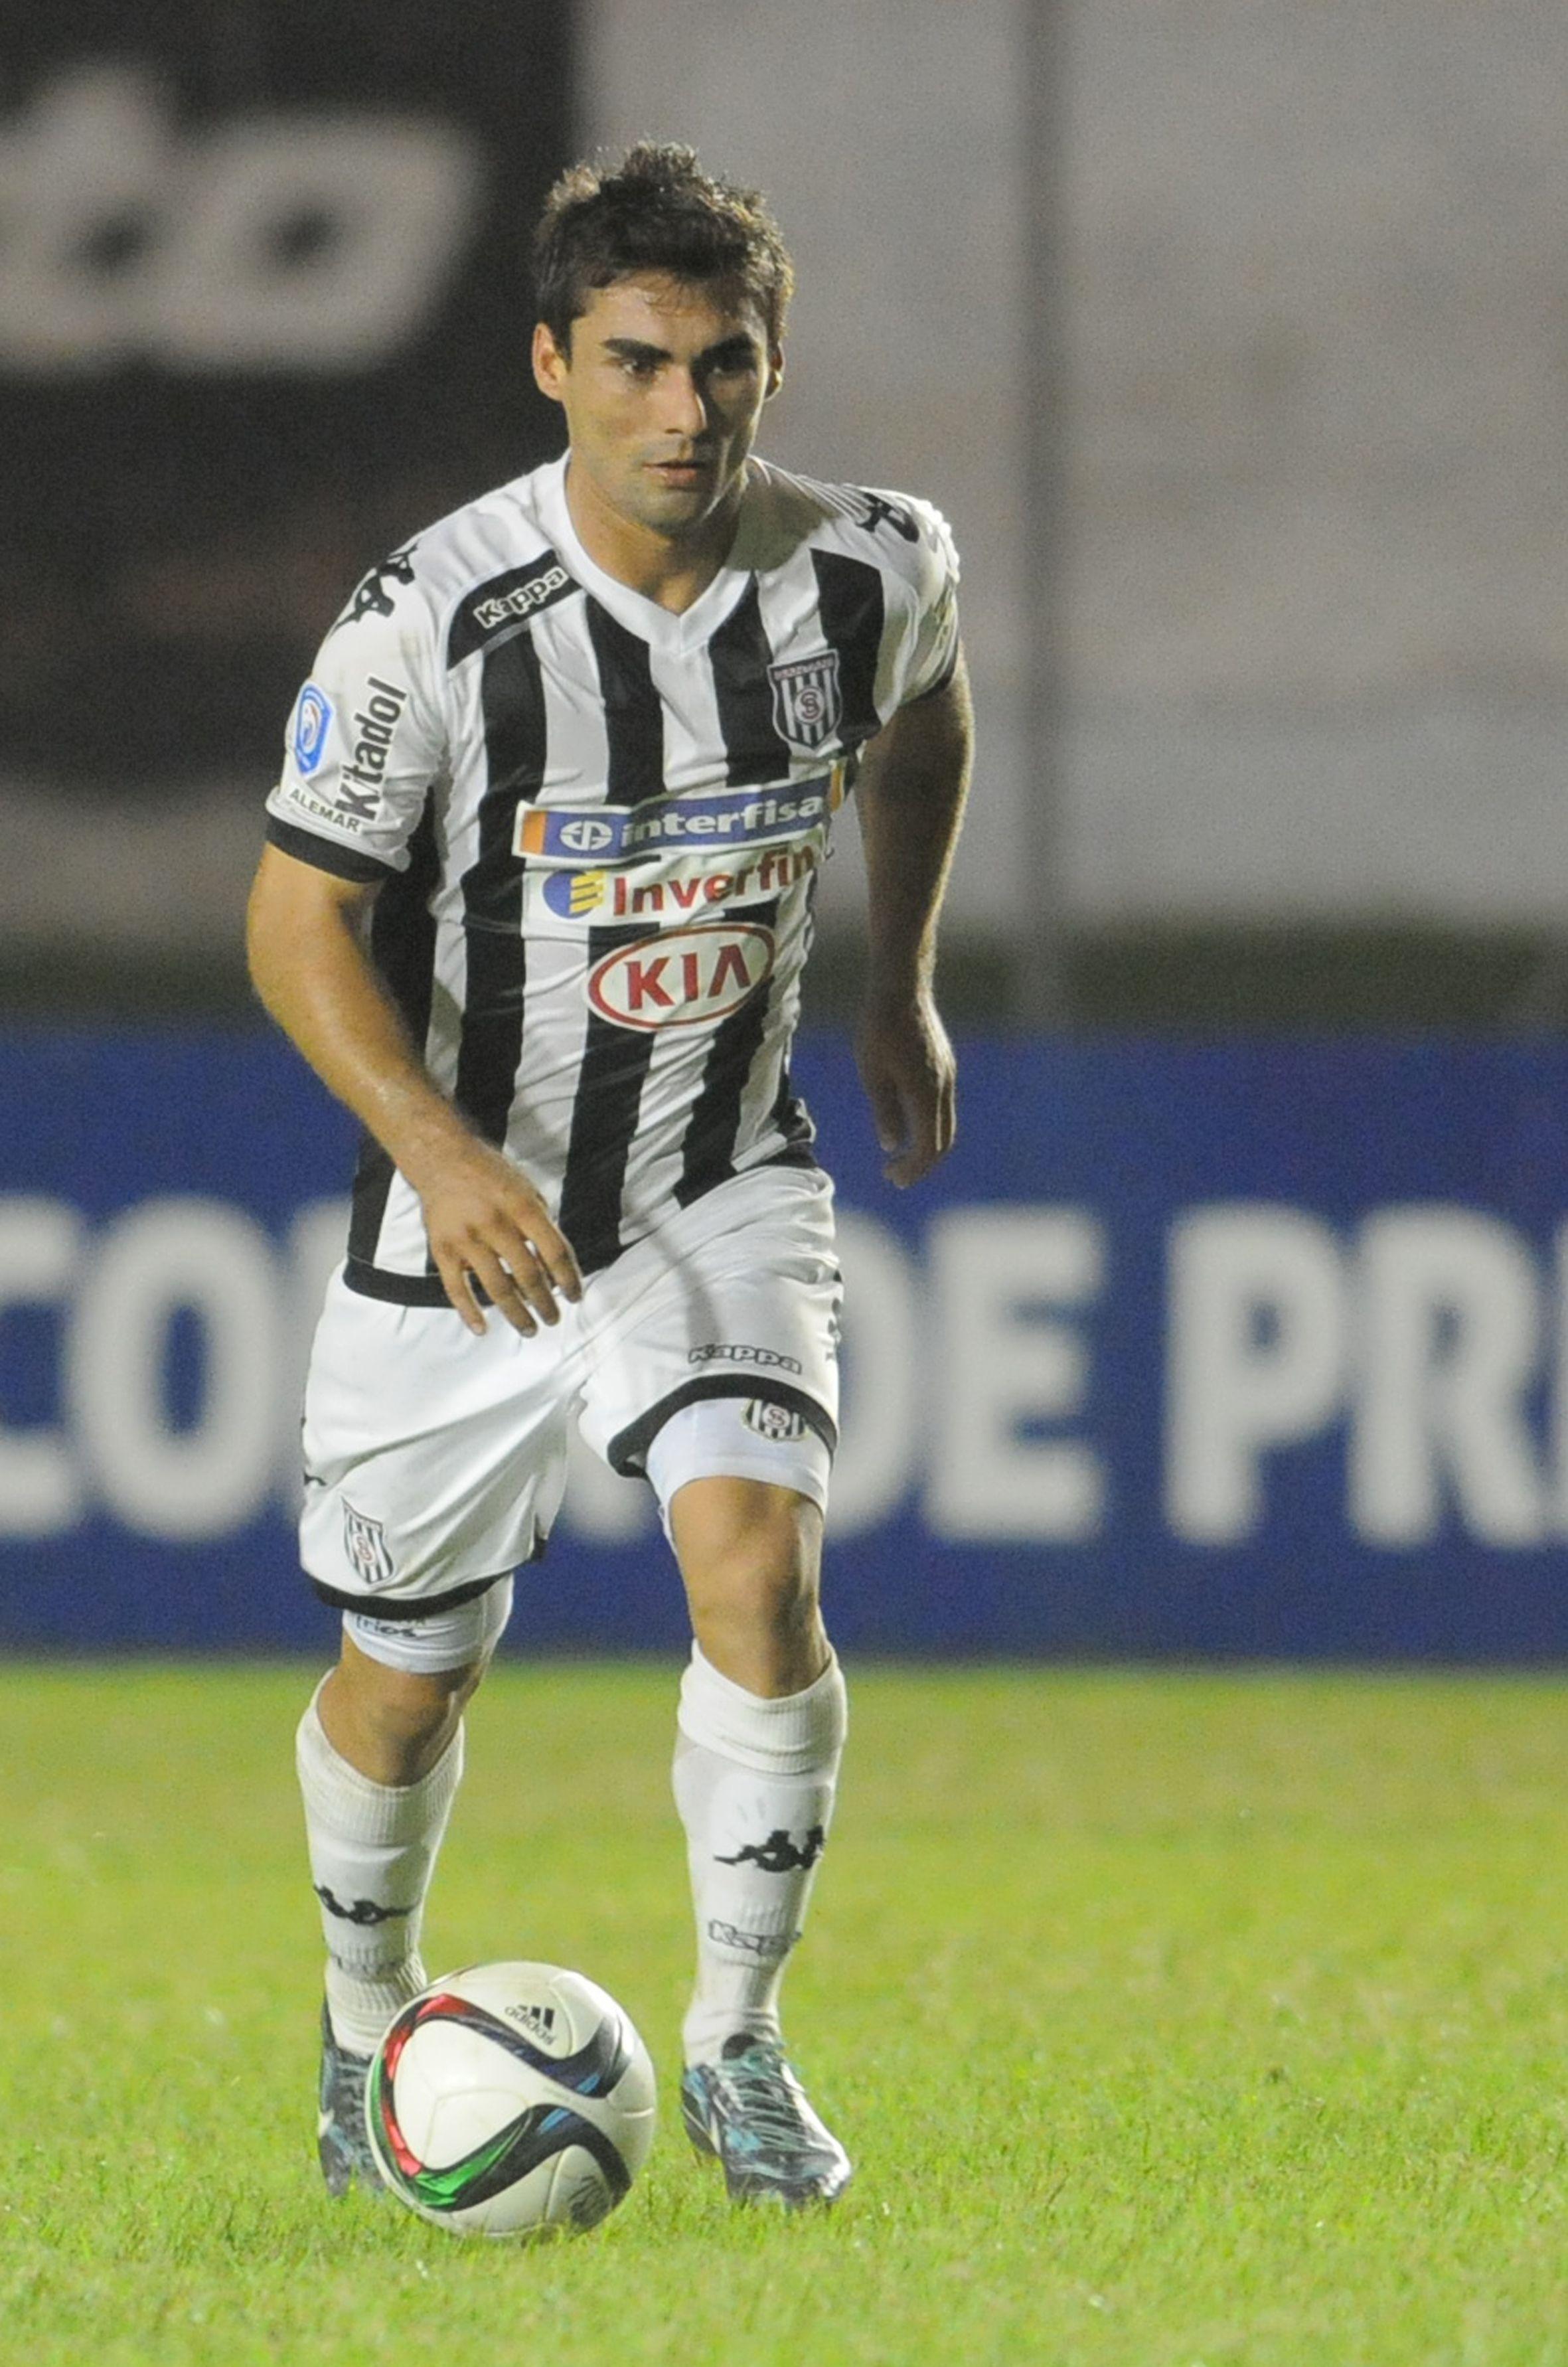 El goleador santaniano volverá a activar con normalidad. Foto: Última Hora.